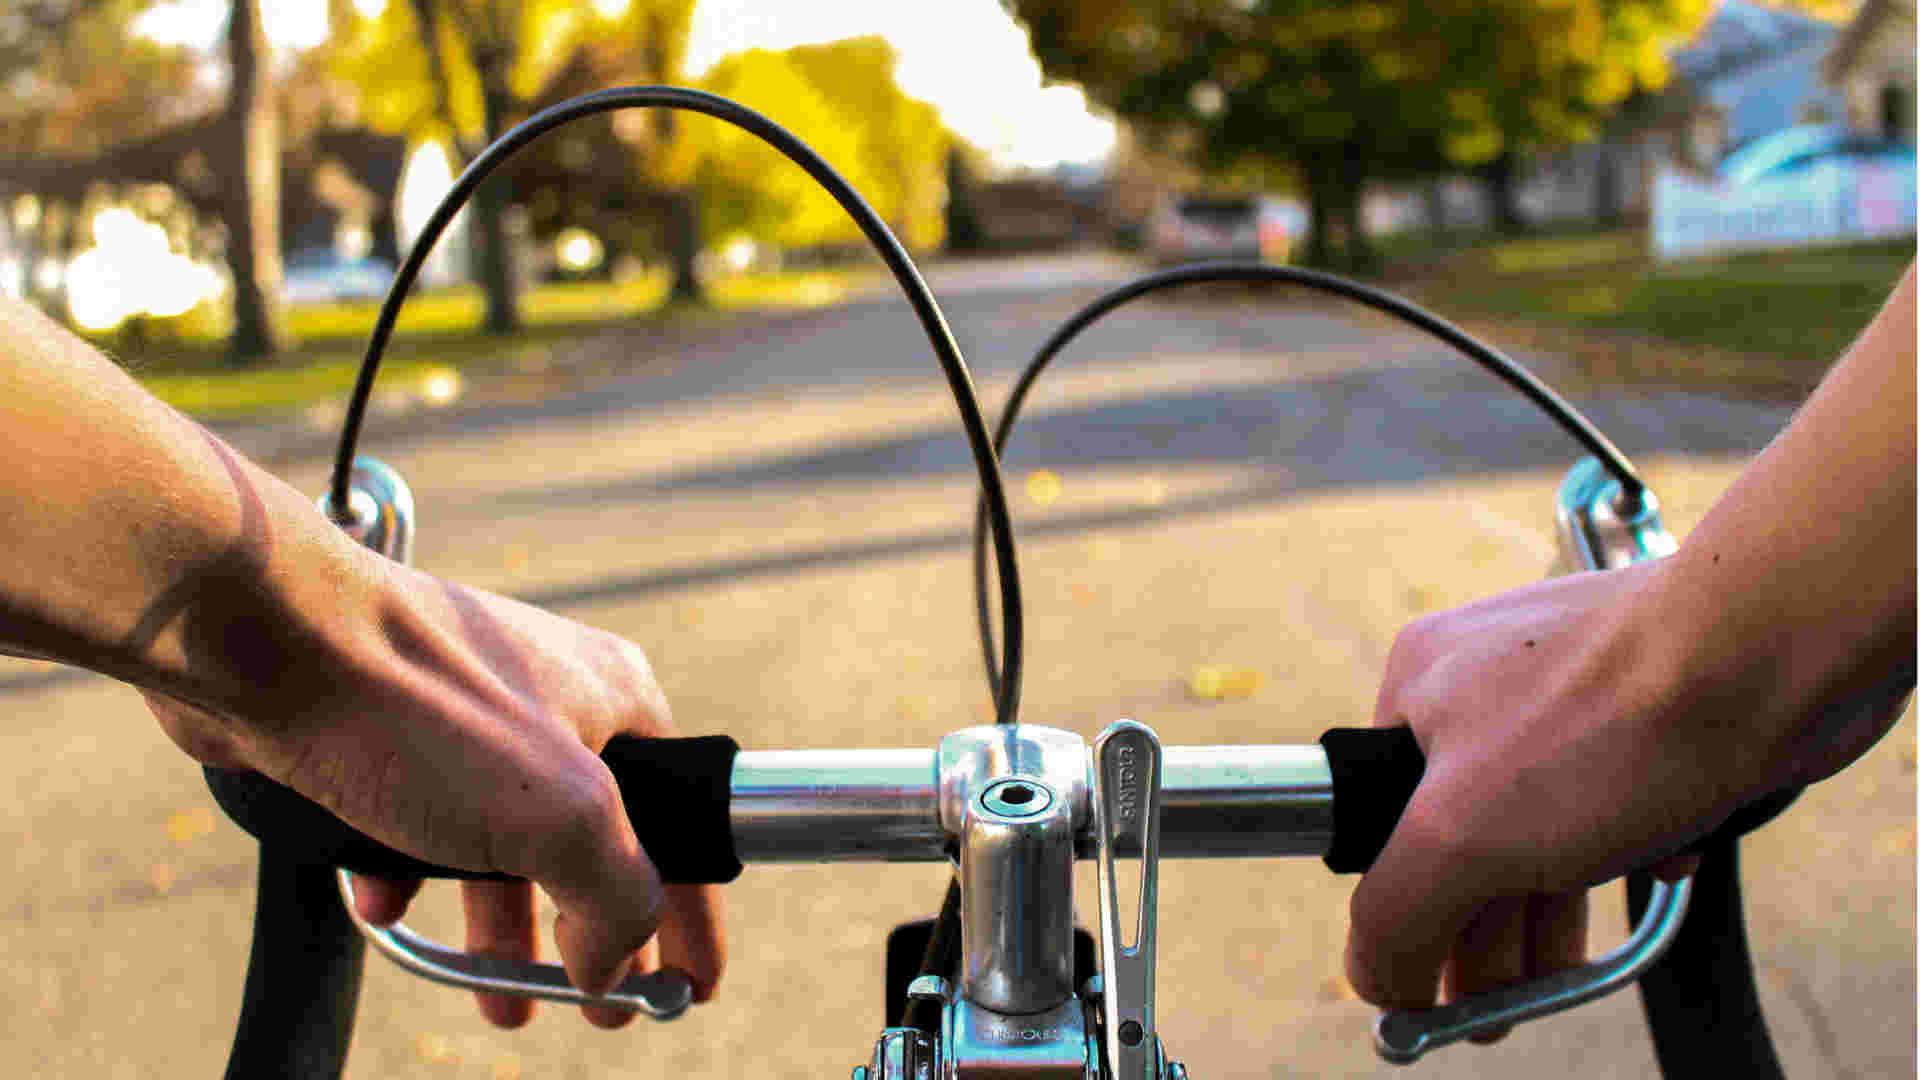 Gegnerische Versicherung nach Fahrradunfall ausfindig machen